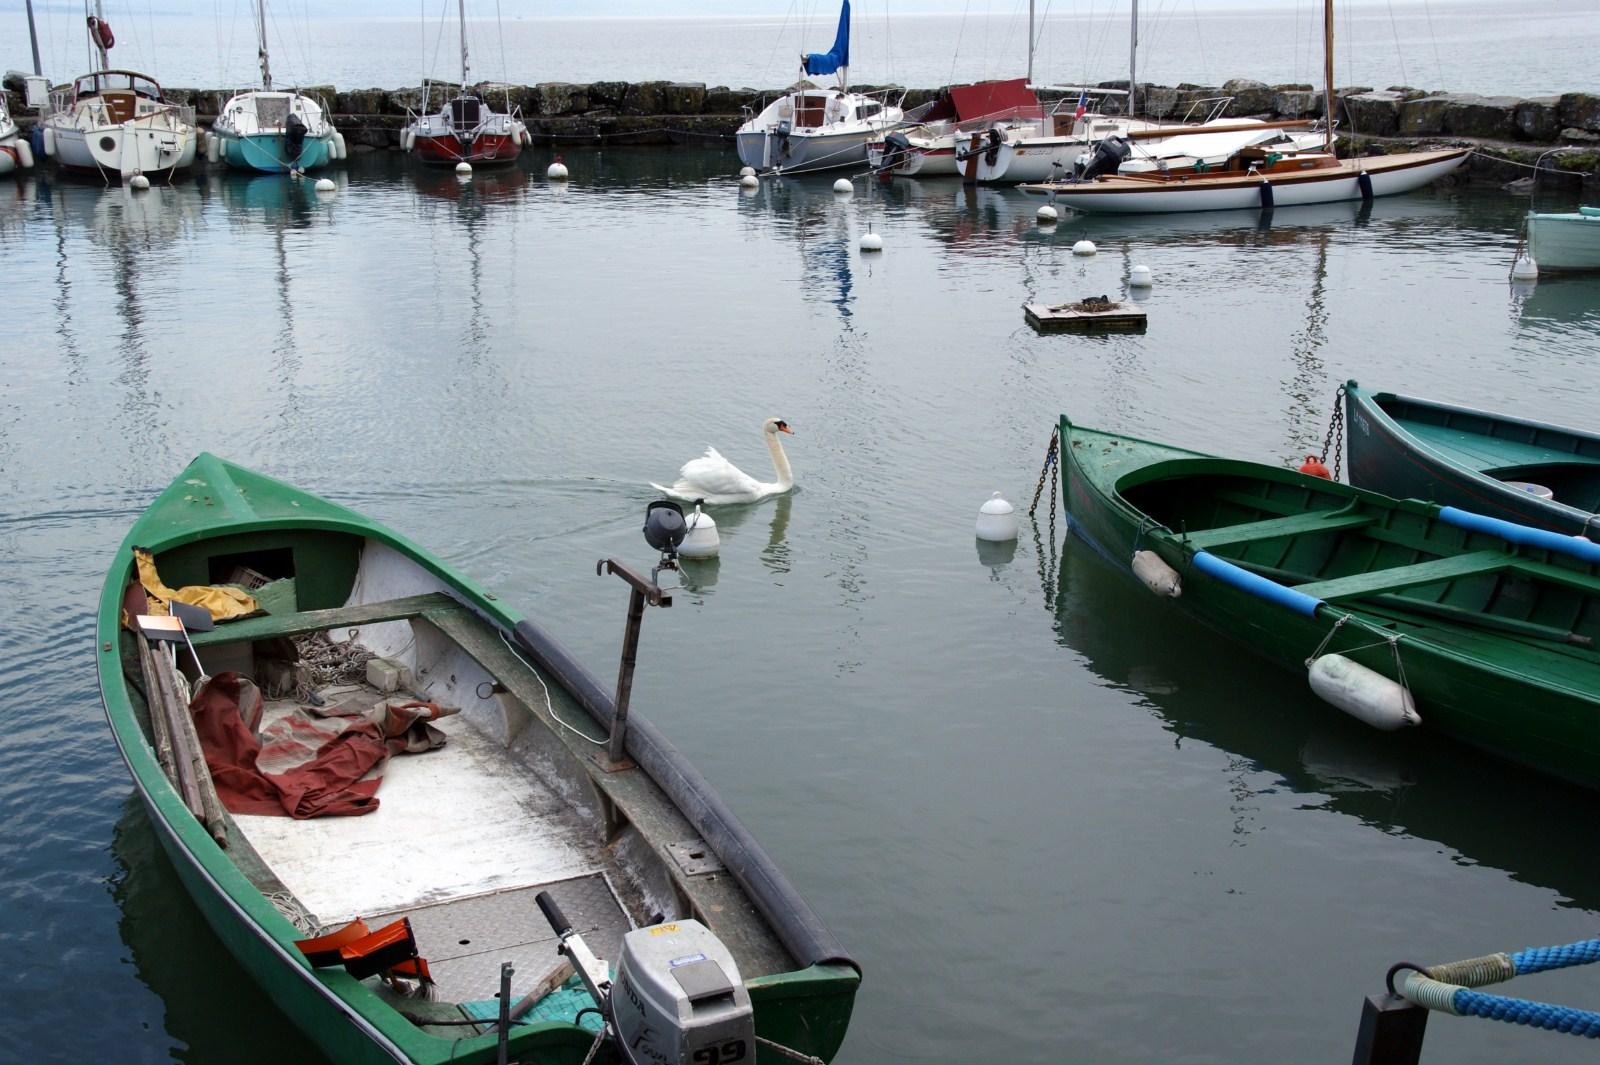 Le port de plaisance d'Yvoire (Haute-Savoie)